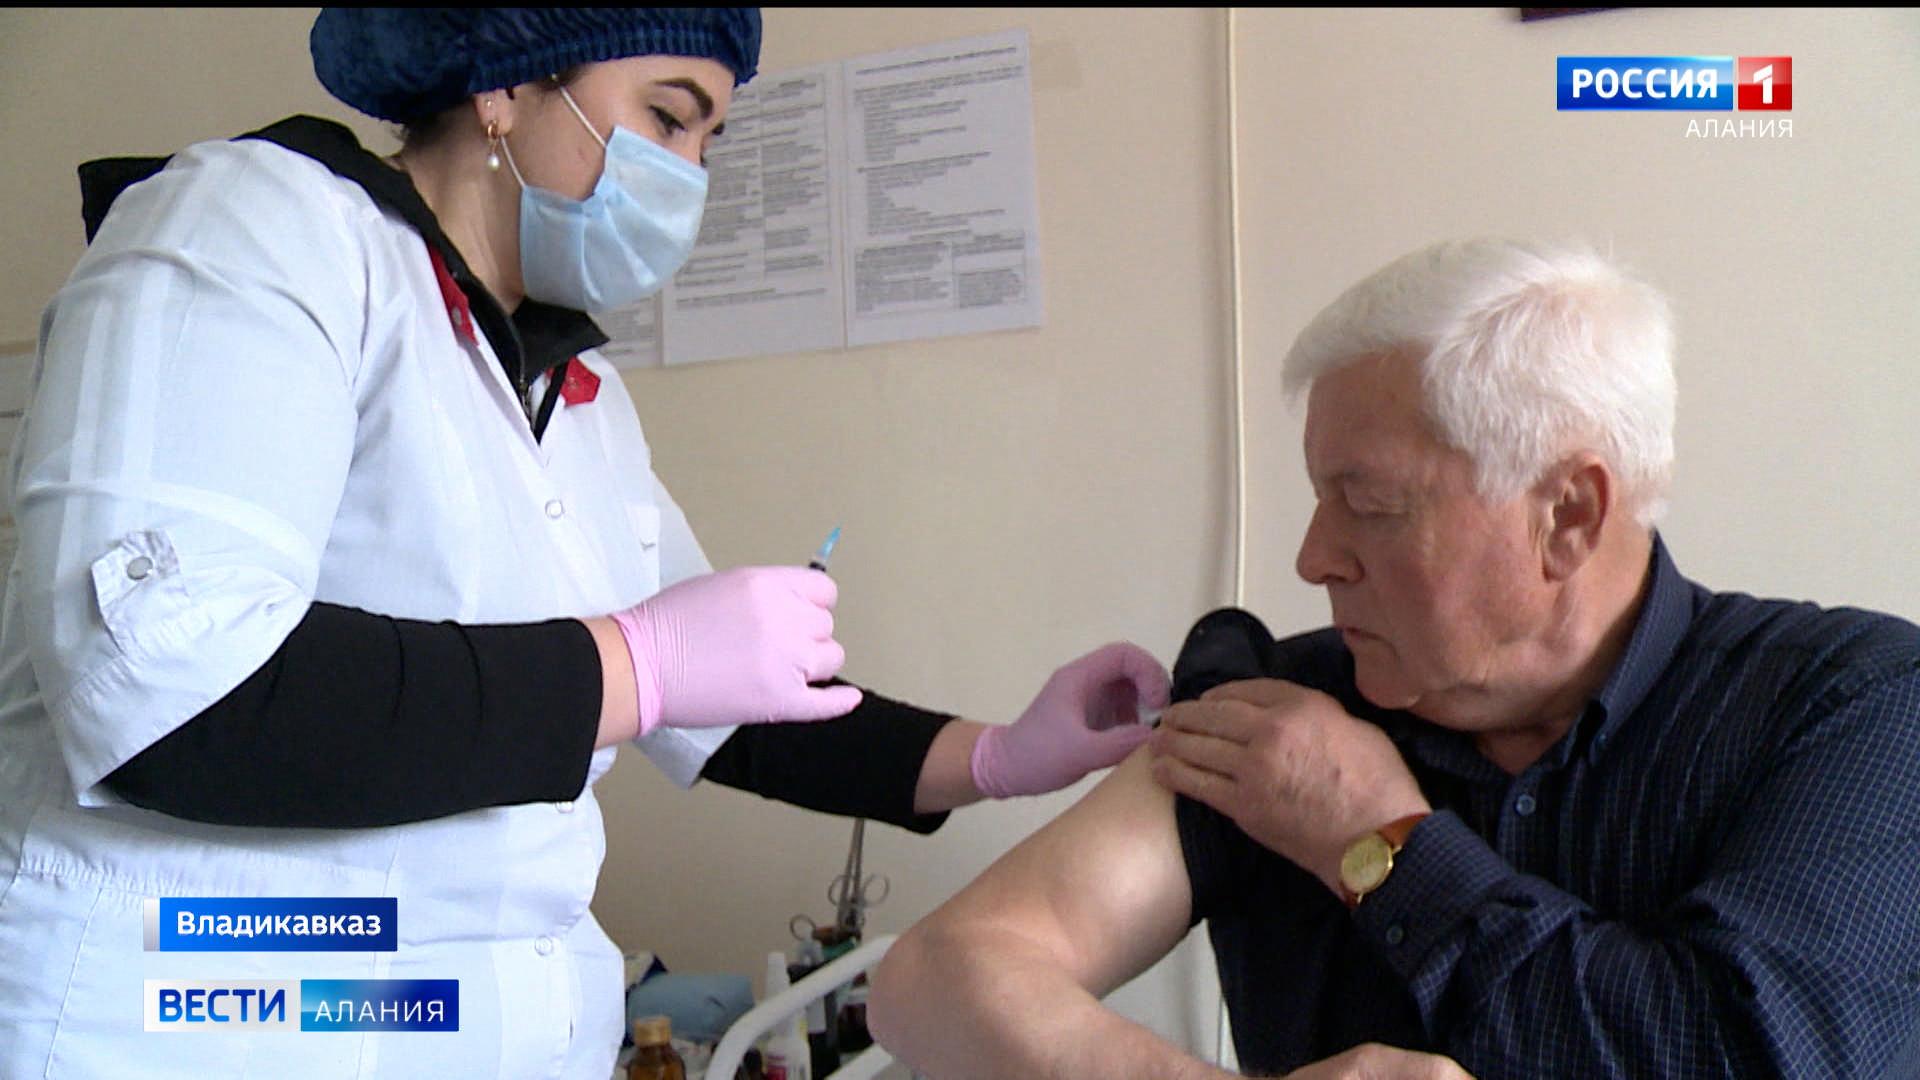 Еще 40 человек прошли вакцинацию в республиканском медколледже